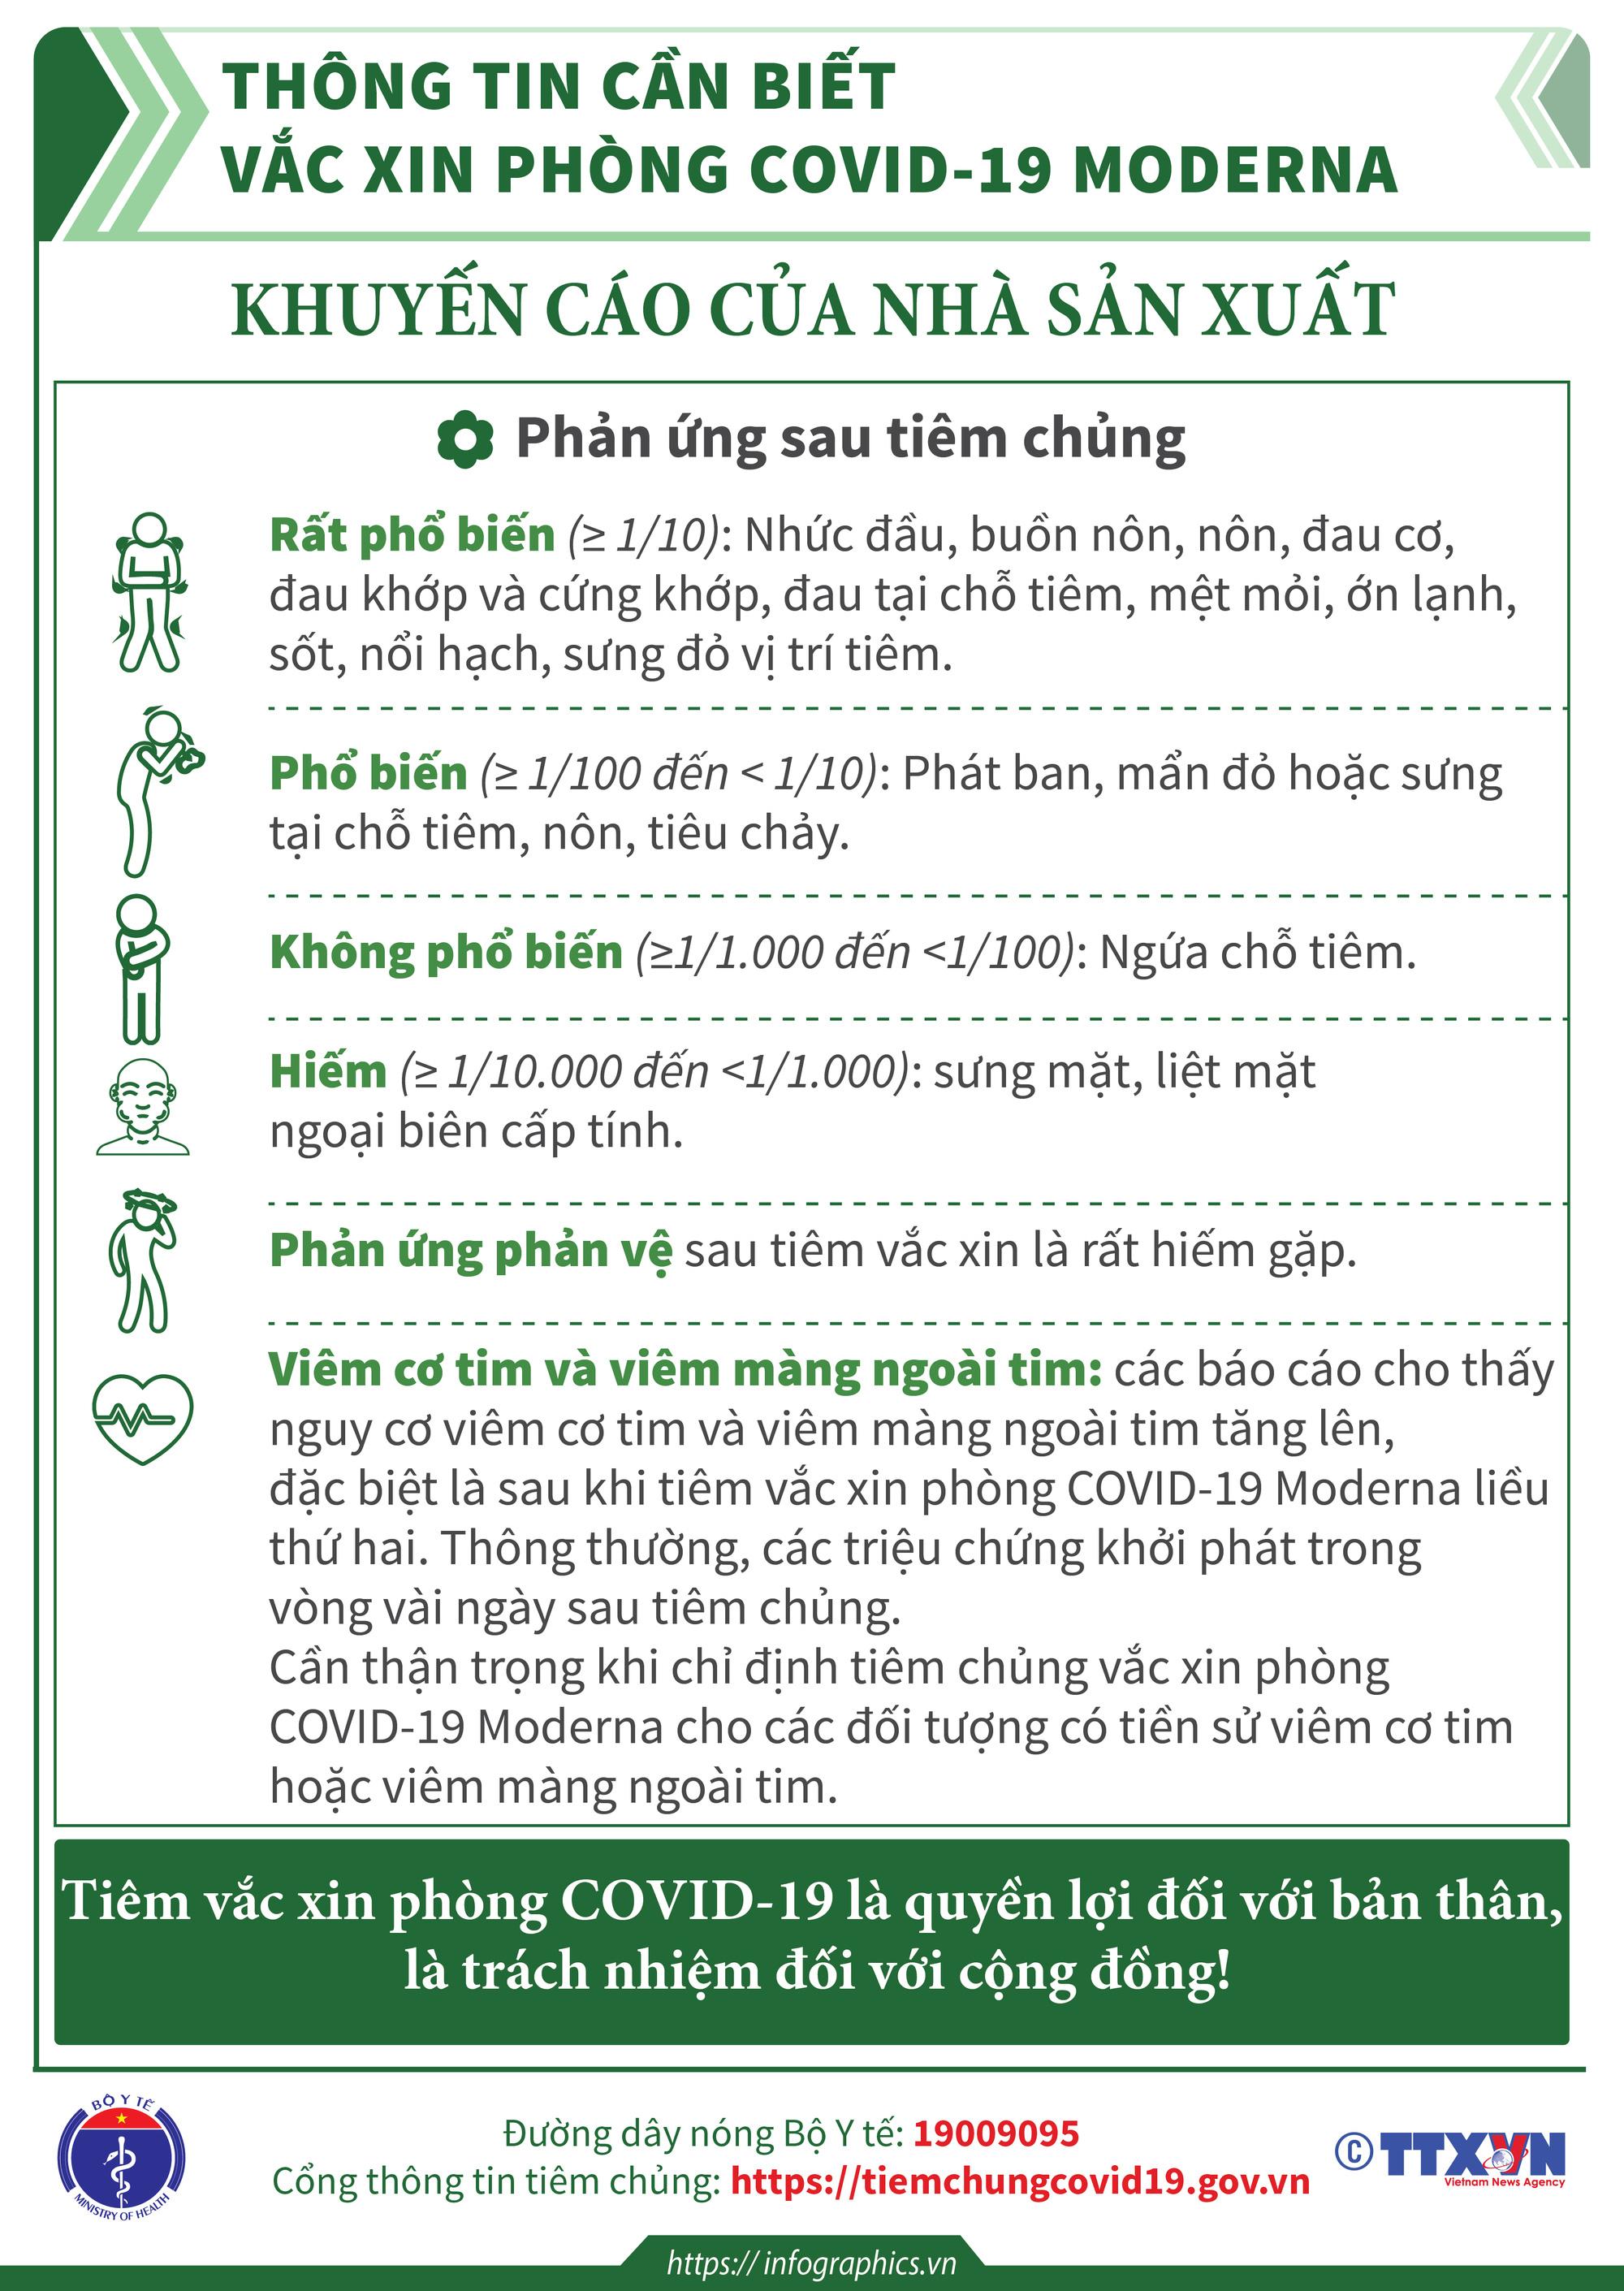 Thông tin cần biết về một số vaccine COVID-19 đang triển khai tiêm chủng tại Việt Nam. - Ảnh 8.